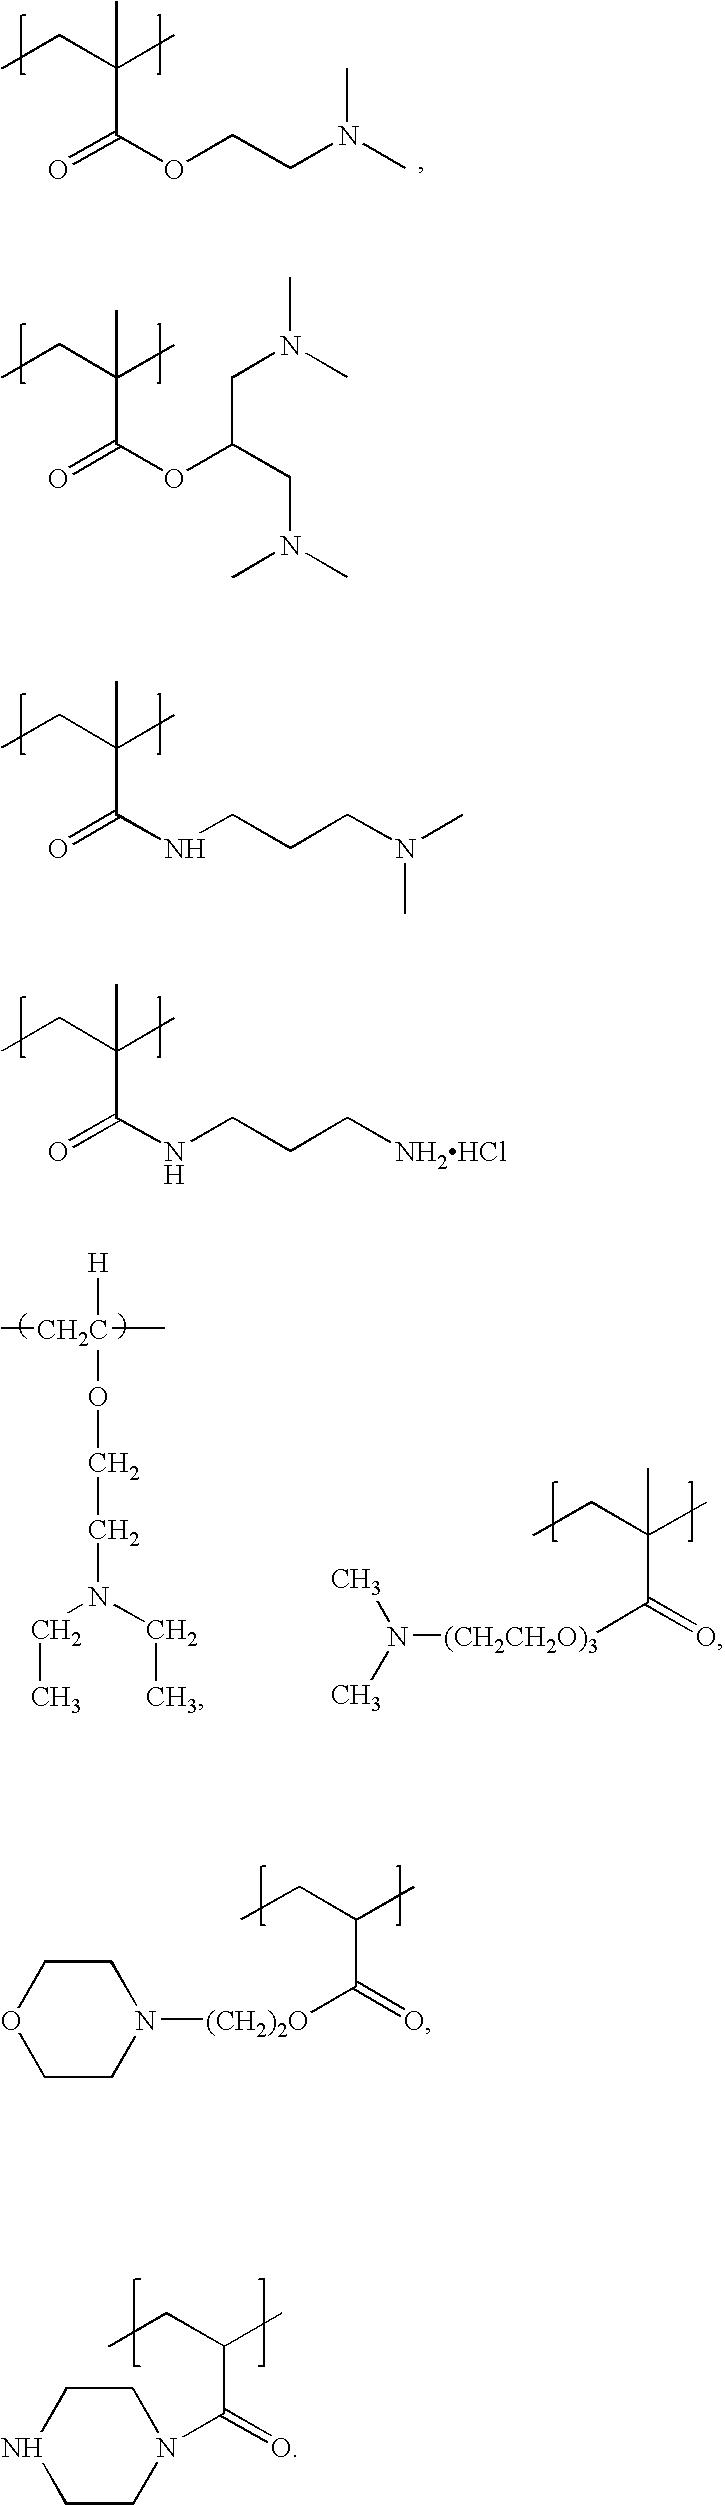 Figure US07335700-20080226-C00002